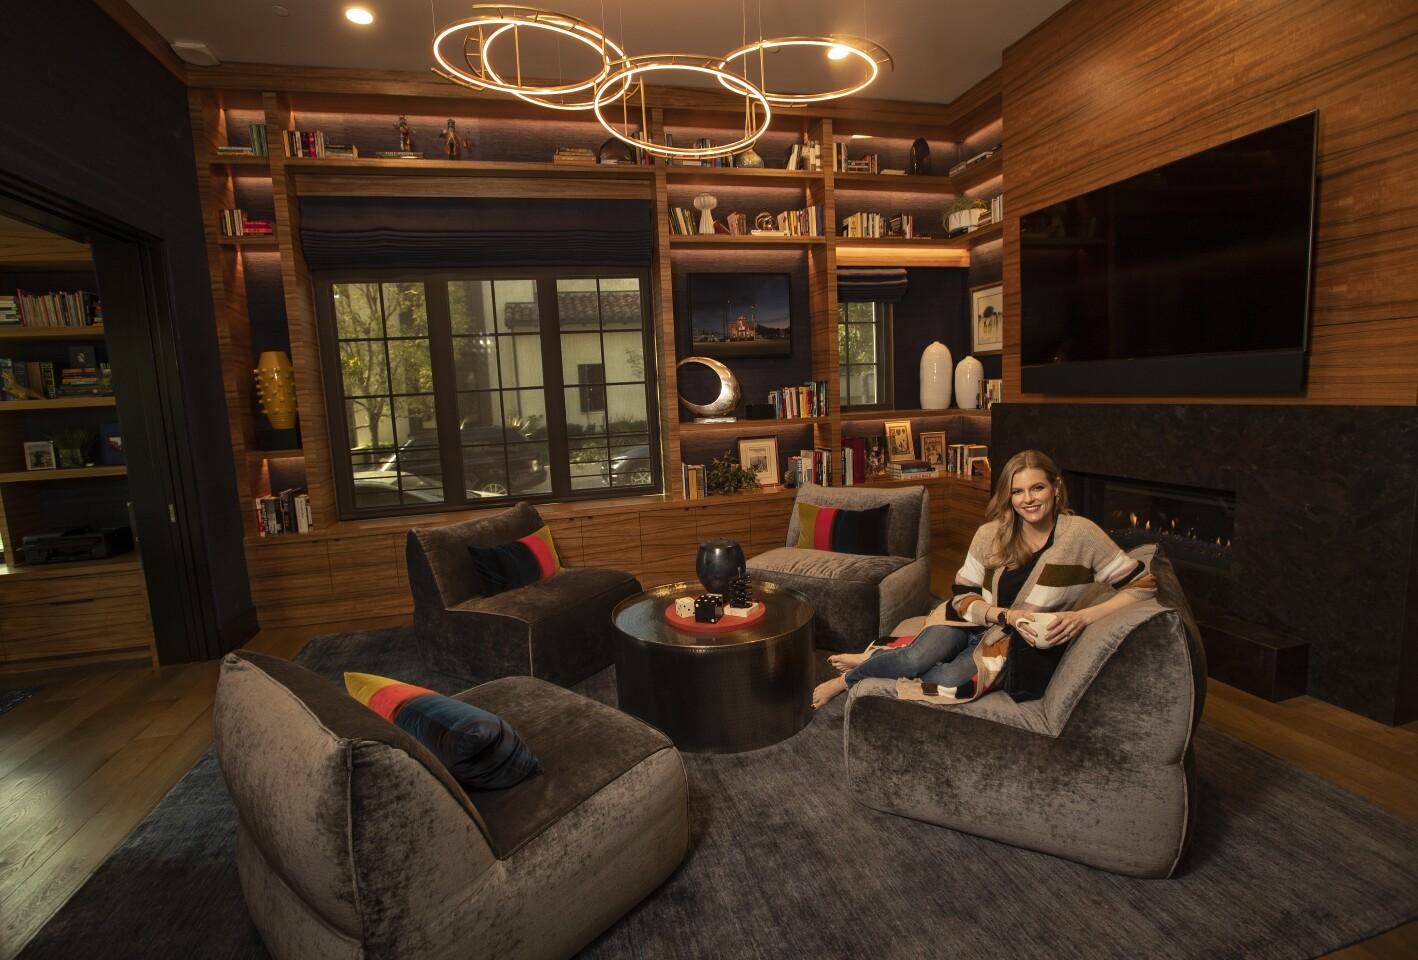 471402-la-fi-hp-favorite-room-chelsey-crisp2-MAM.jpg